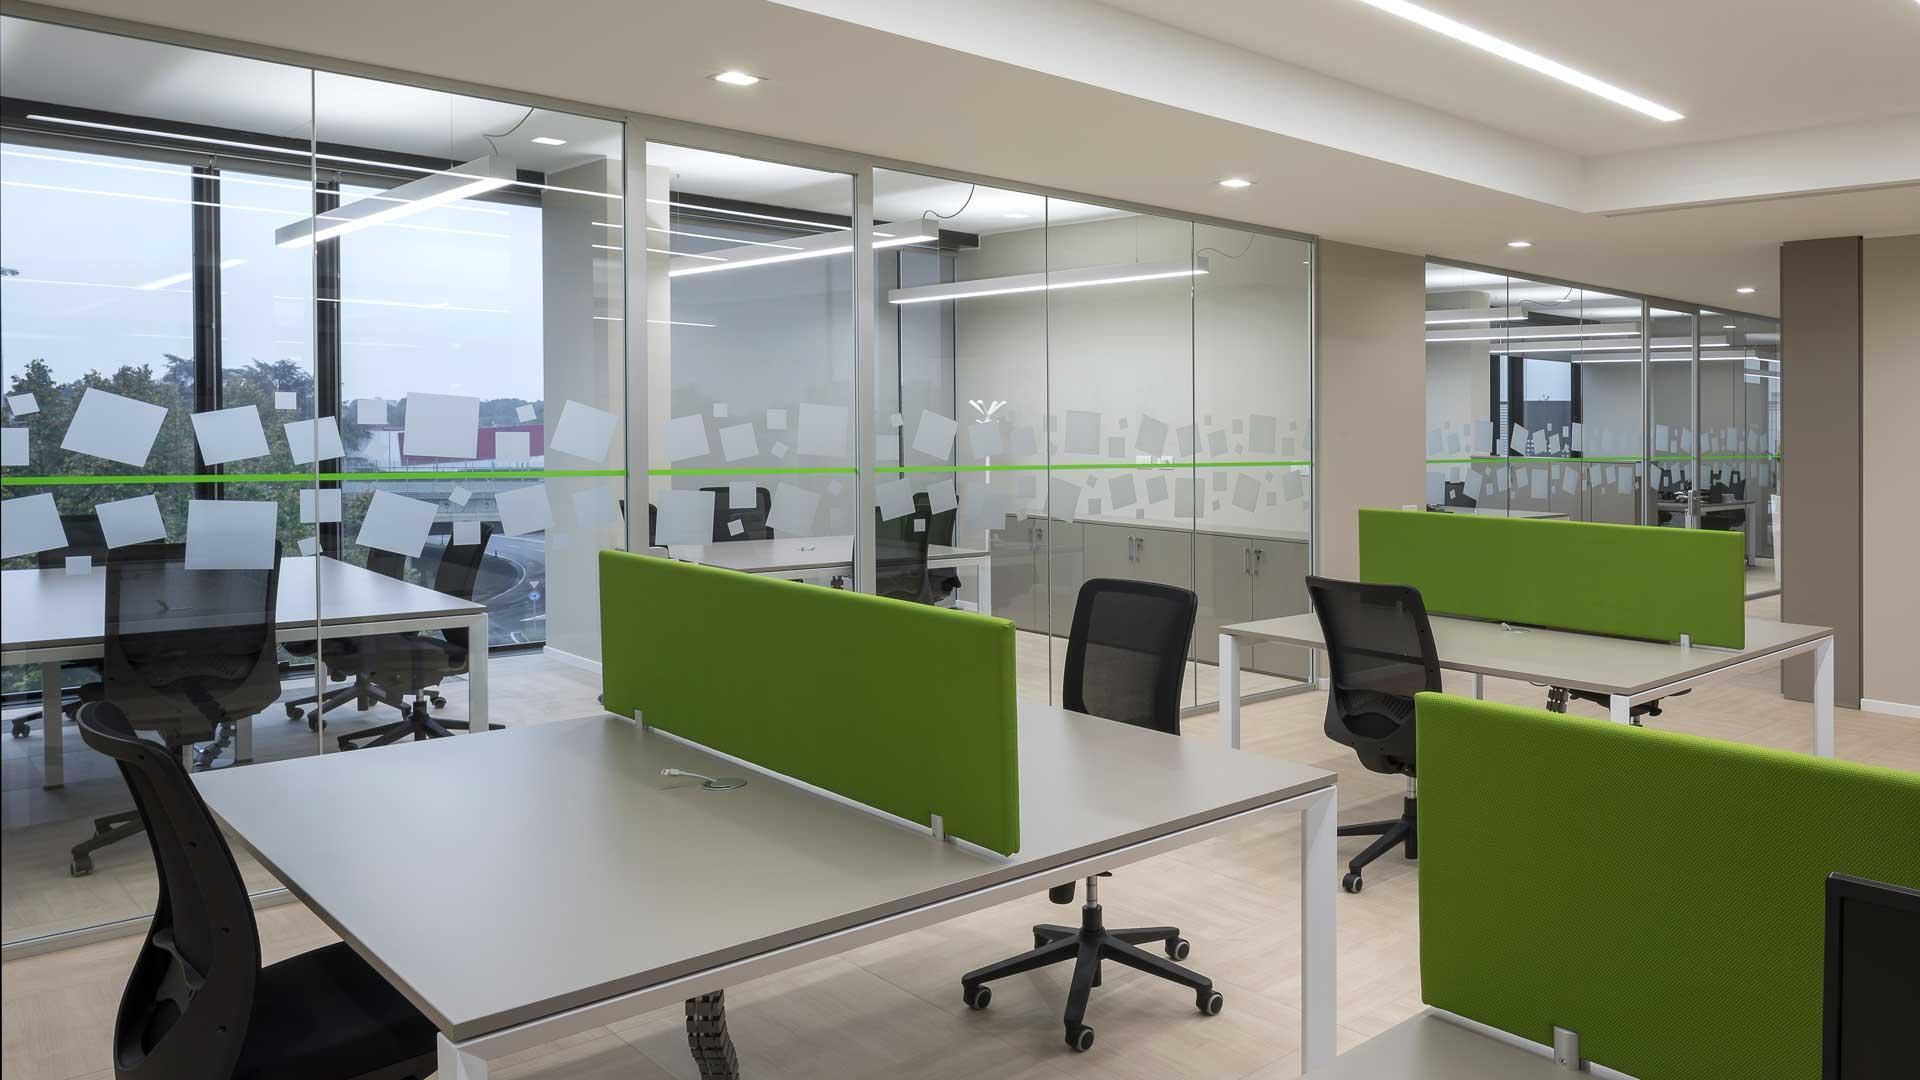 Materiali-per-l'ufficio-Feltro-controsoffitti-screen-divisori-Level-Office-Landscape